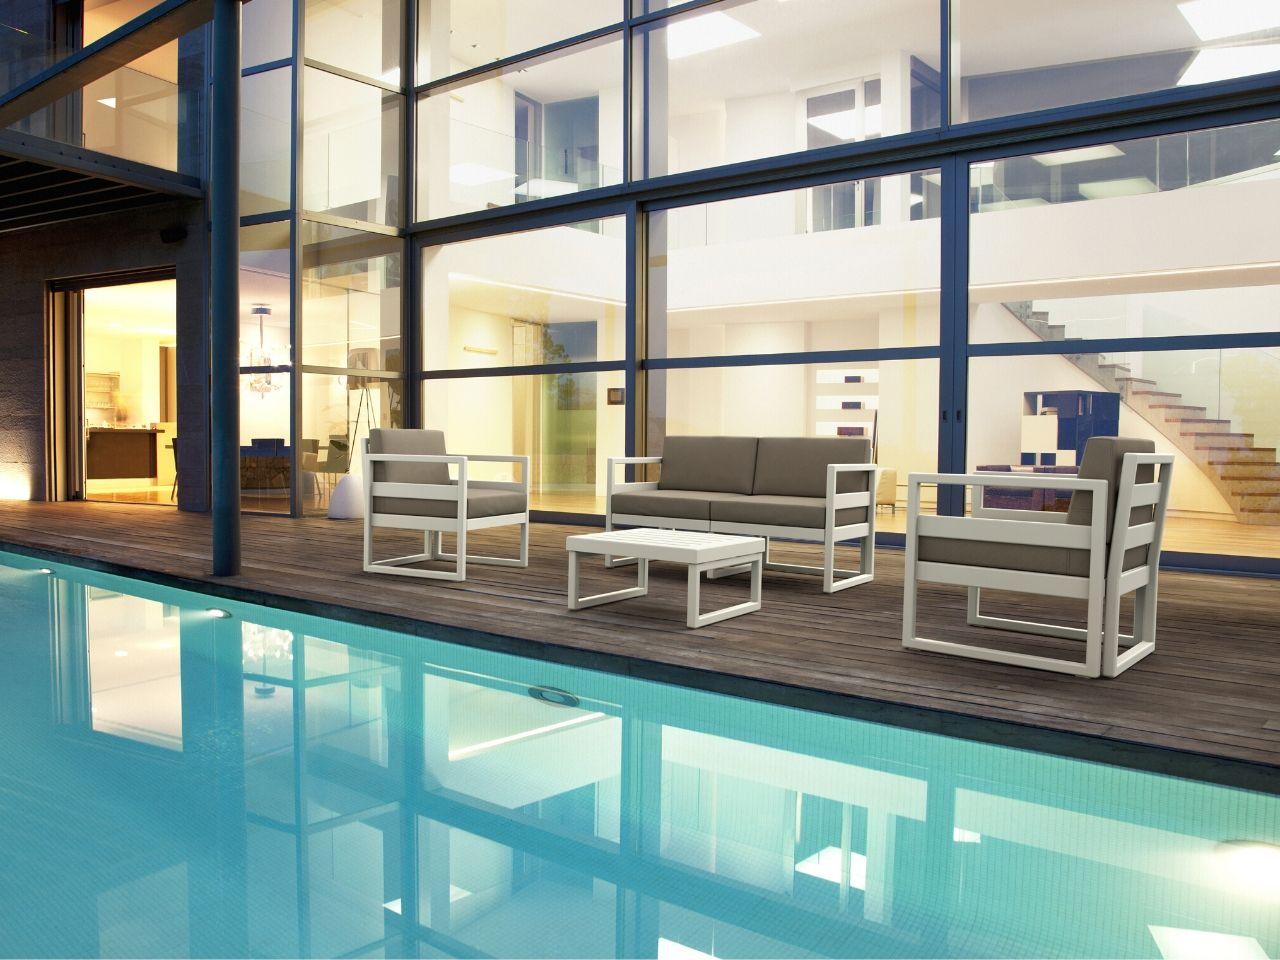 idee per arredare giardino con piscina salottino